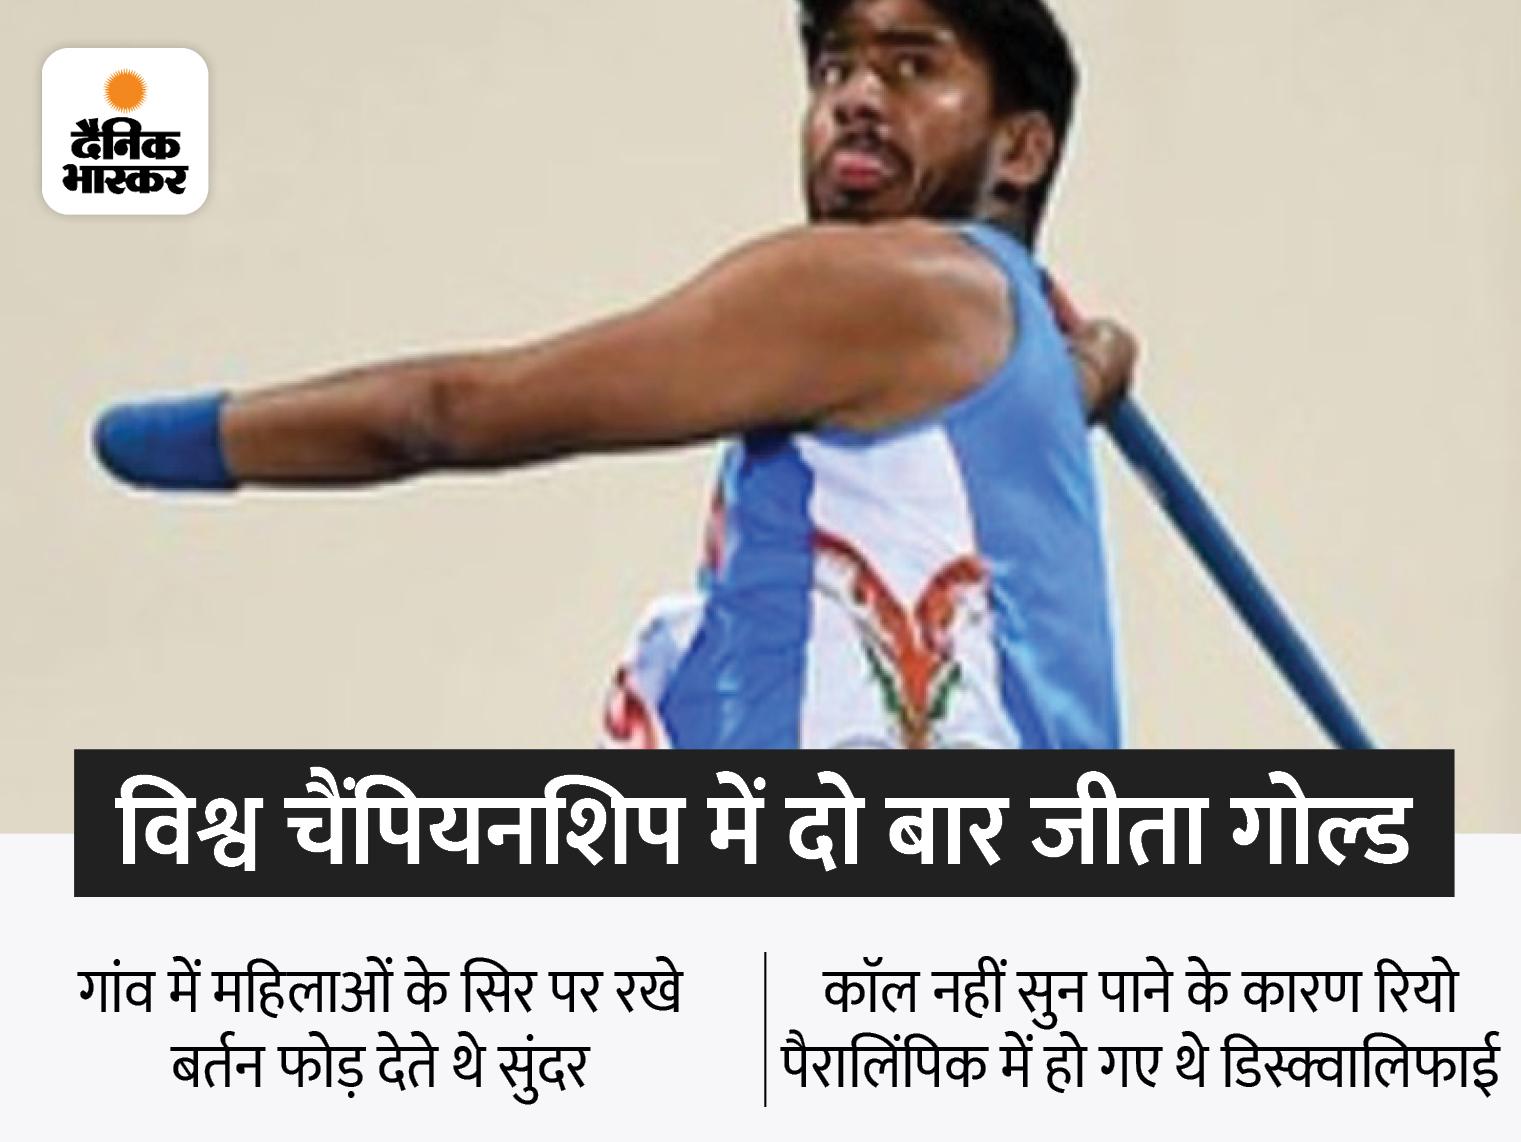 टीन शेड से कटा था हाथ, फिर भी हौसले को कम नहीं होने दिया; एक हाथ से ही जेवलिन, डिस्कस और शॉटपुट तीनों में गोल्ड जीत चुके|करौली,Karauli - Dainik Bhaskar